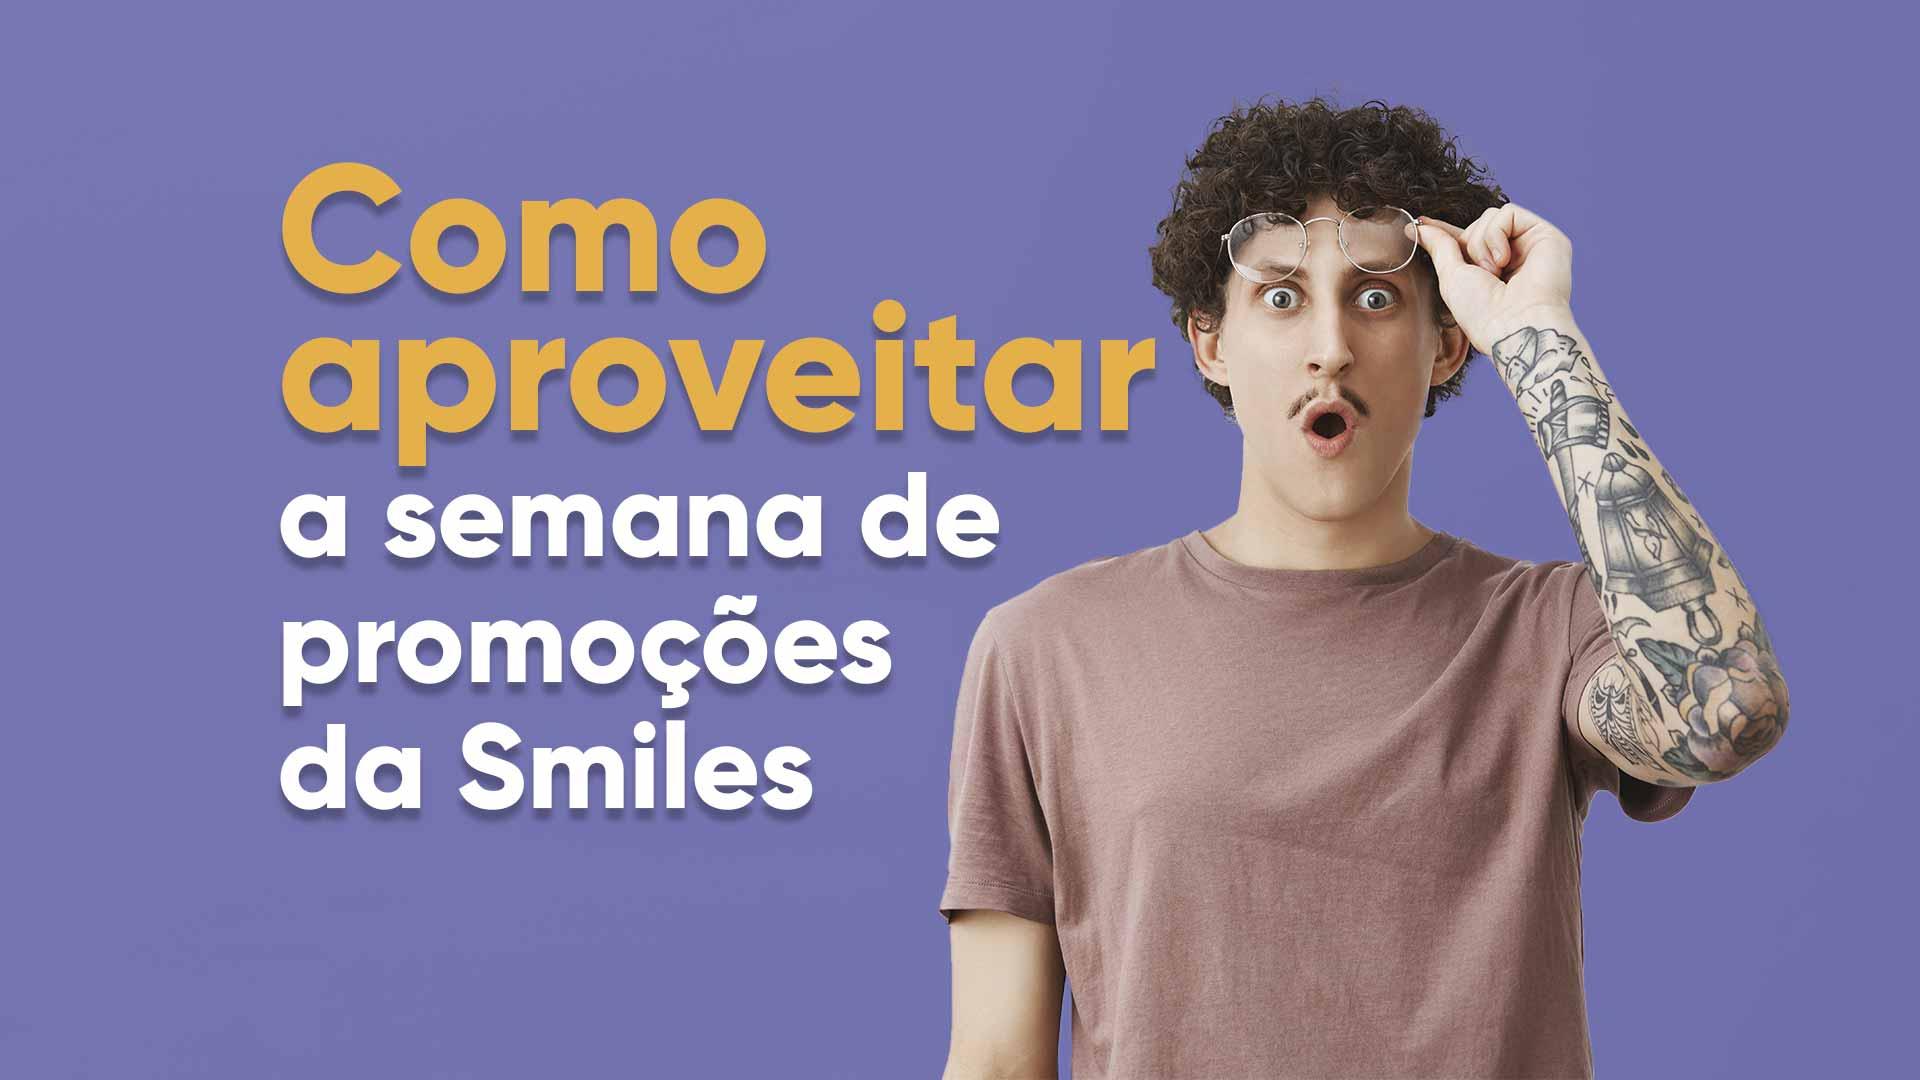 Orange-Week-saiba-como-aproveitar-as-melhores-ofertas-da-semana-de-promocoes-da-Smiles.jpg